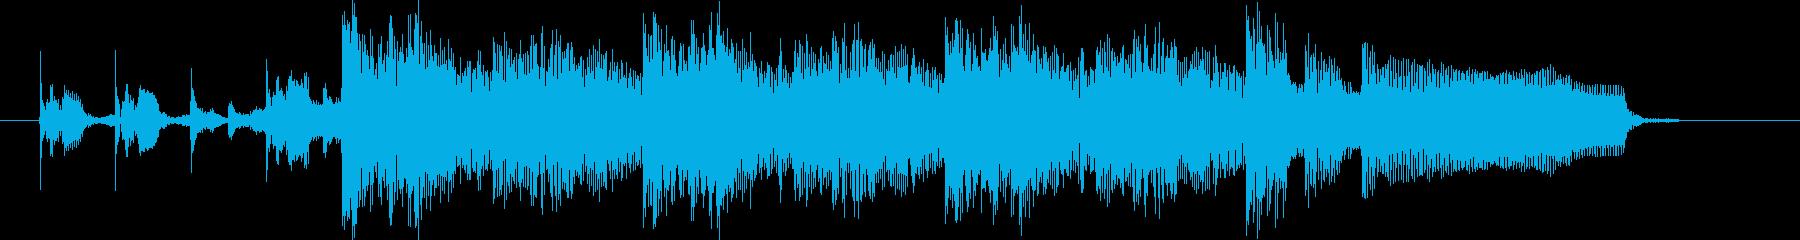 シンセサイザー・EDM系ジングルの再生済みの波形